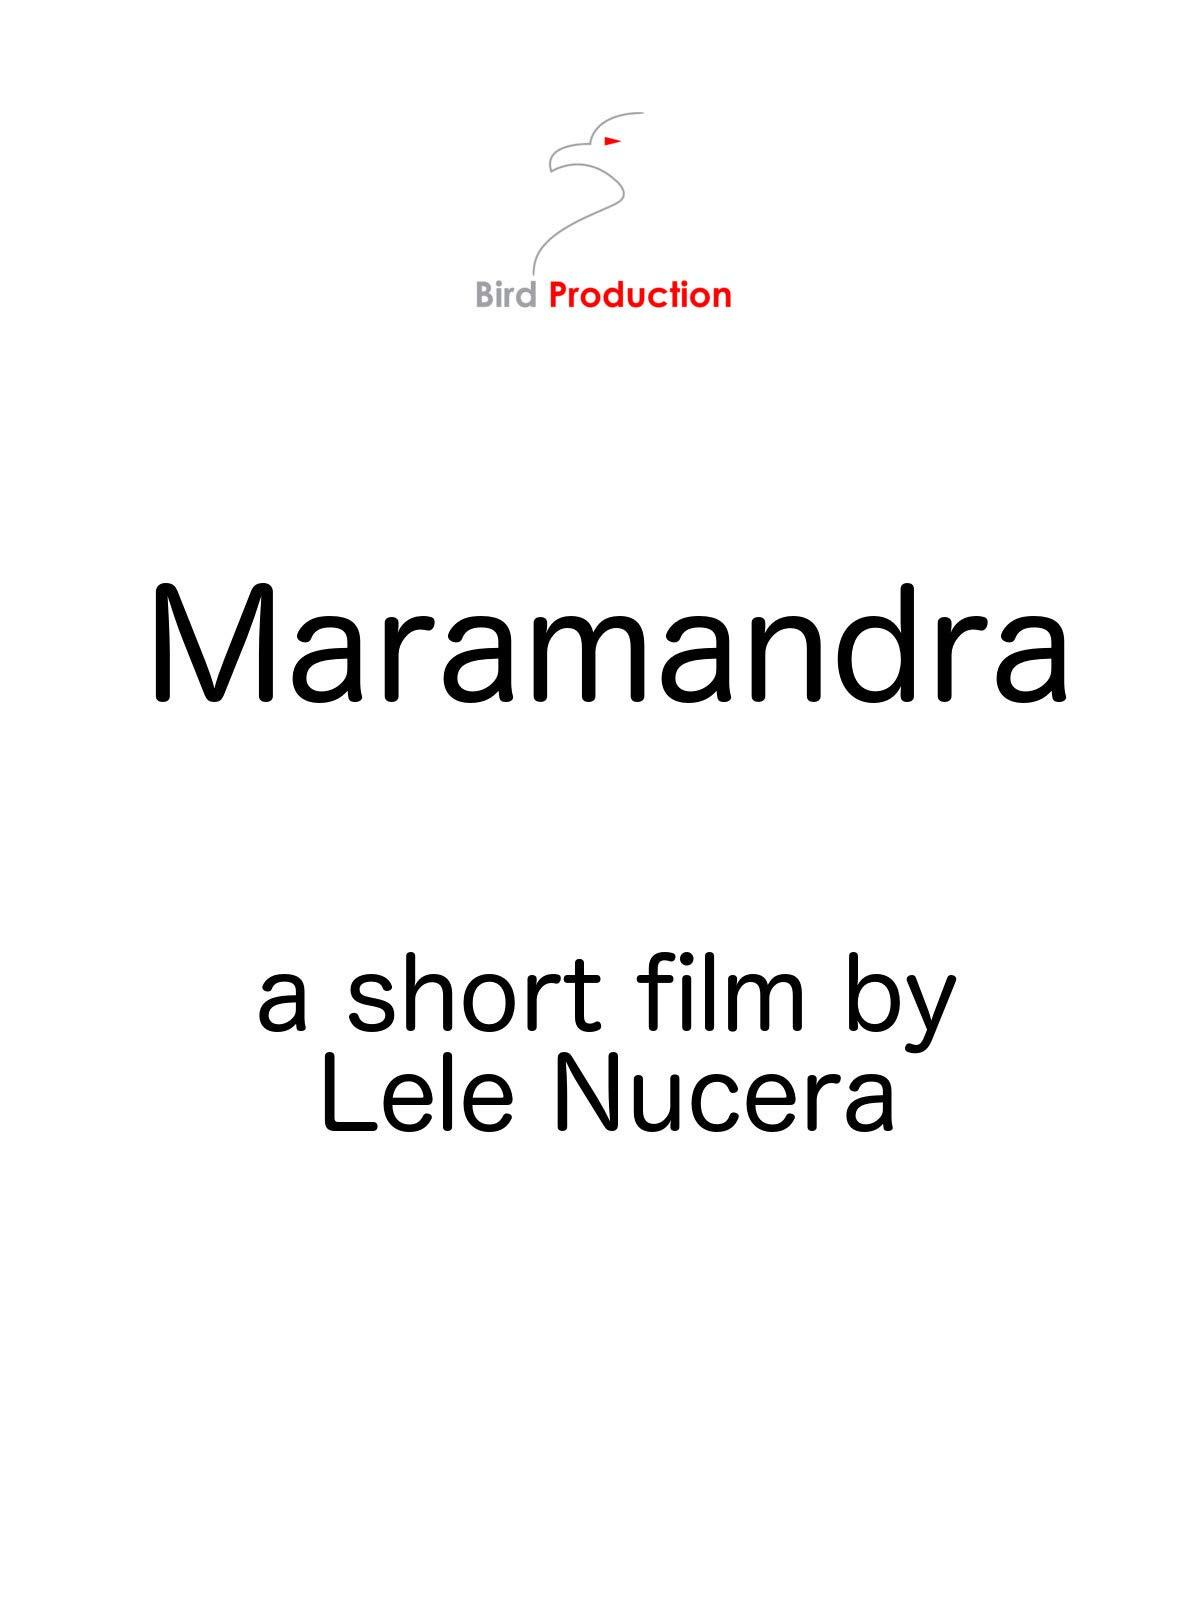 Maramandra